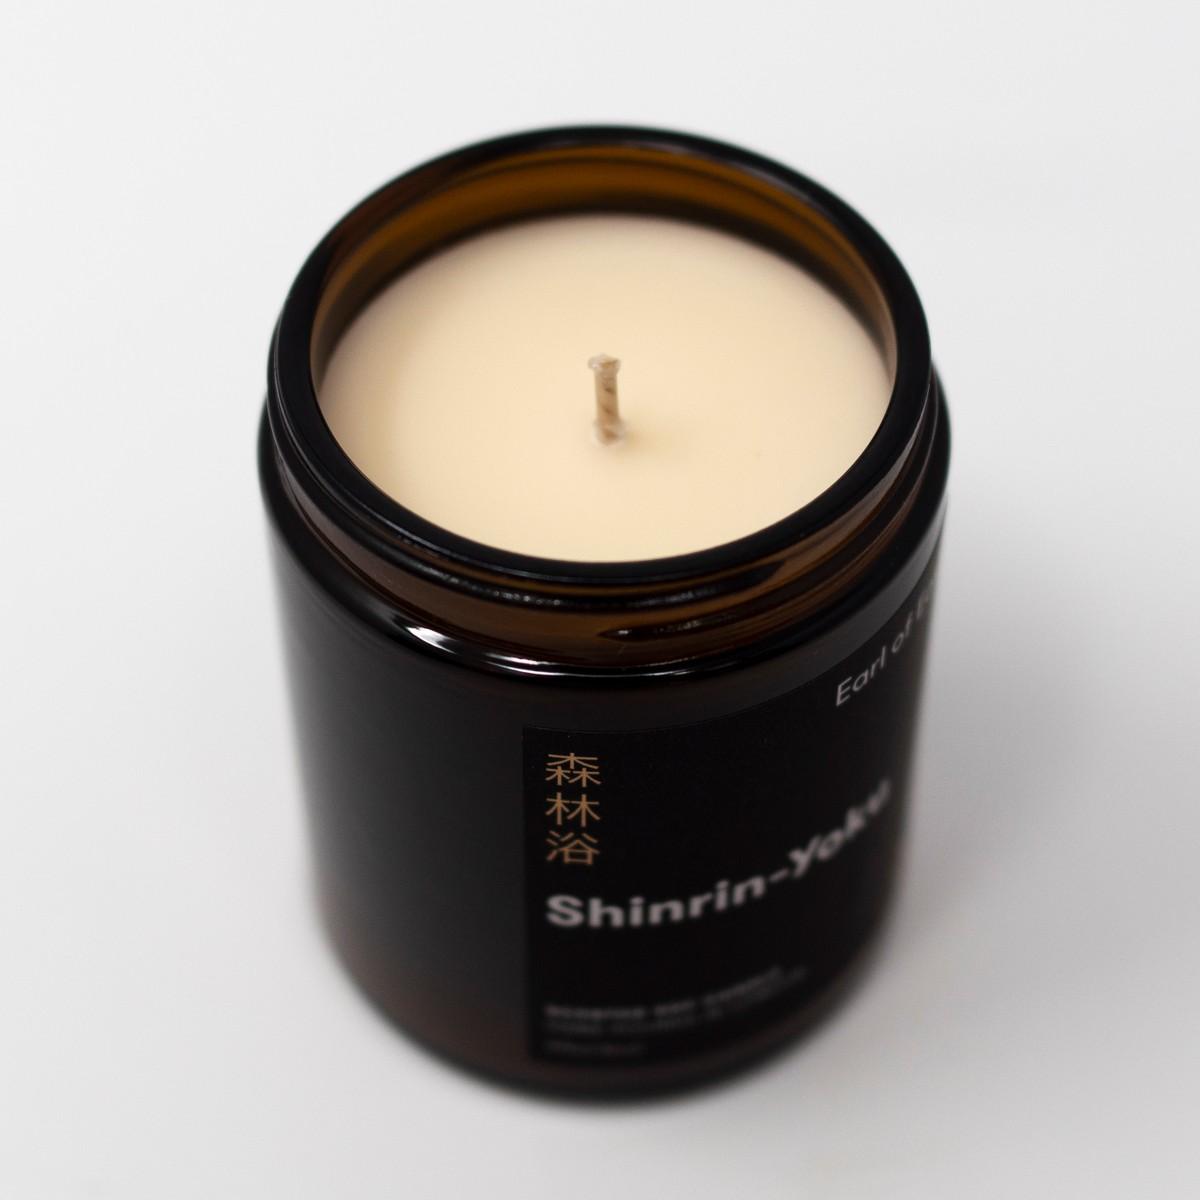 Photo of Shinrinyoku Candle